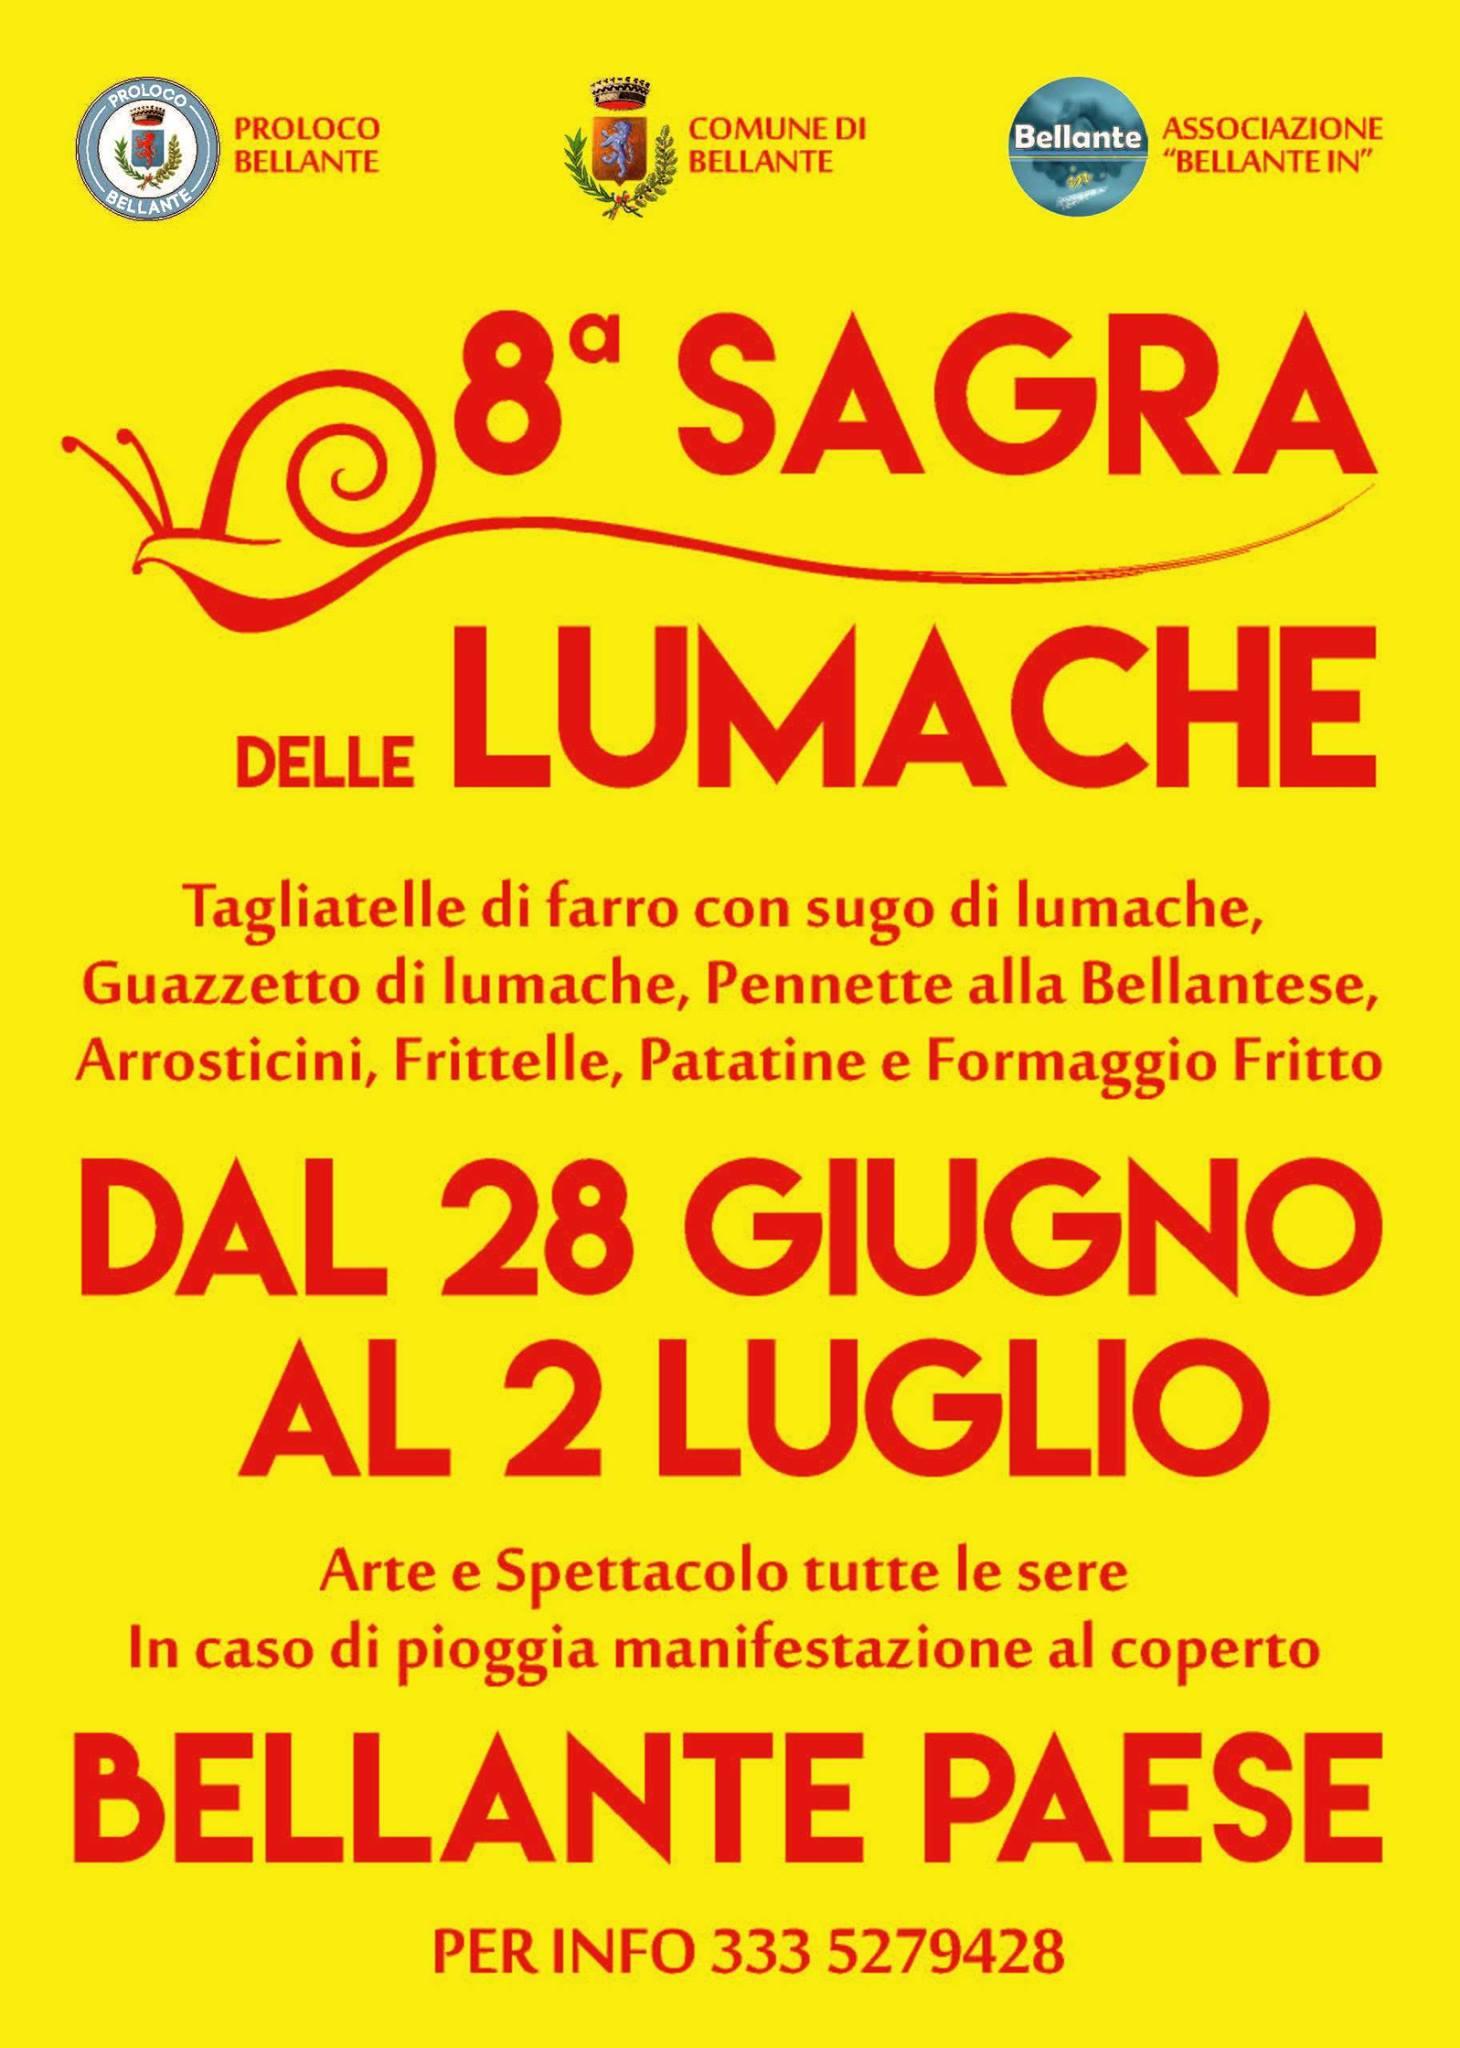 BELLANTESTATE – 8^ SAGRA DELLA LUMACA – BELLANTE PAESE